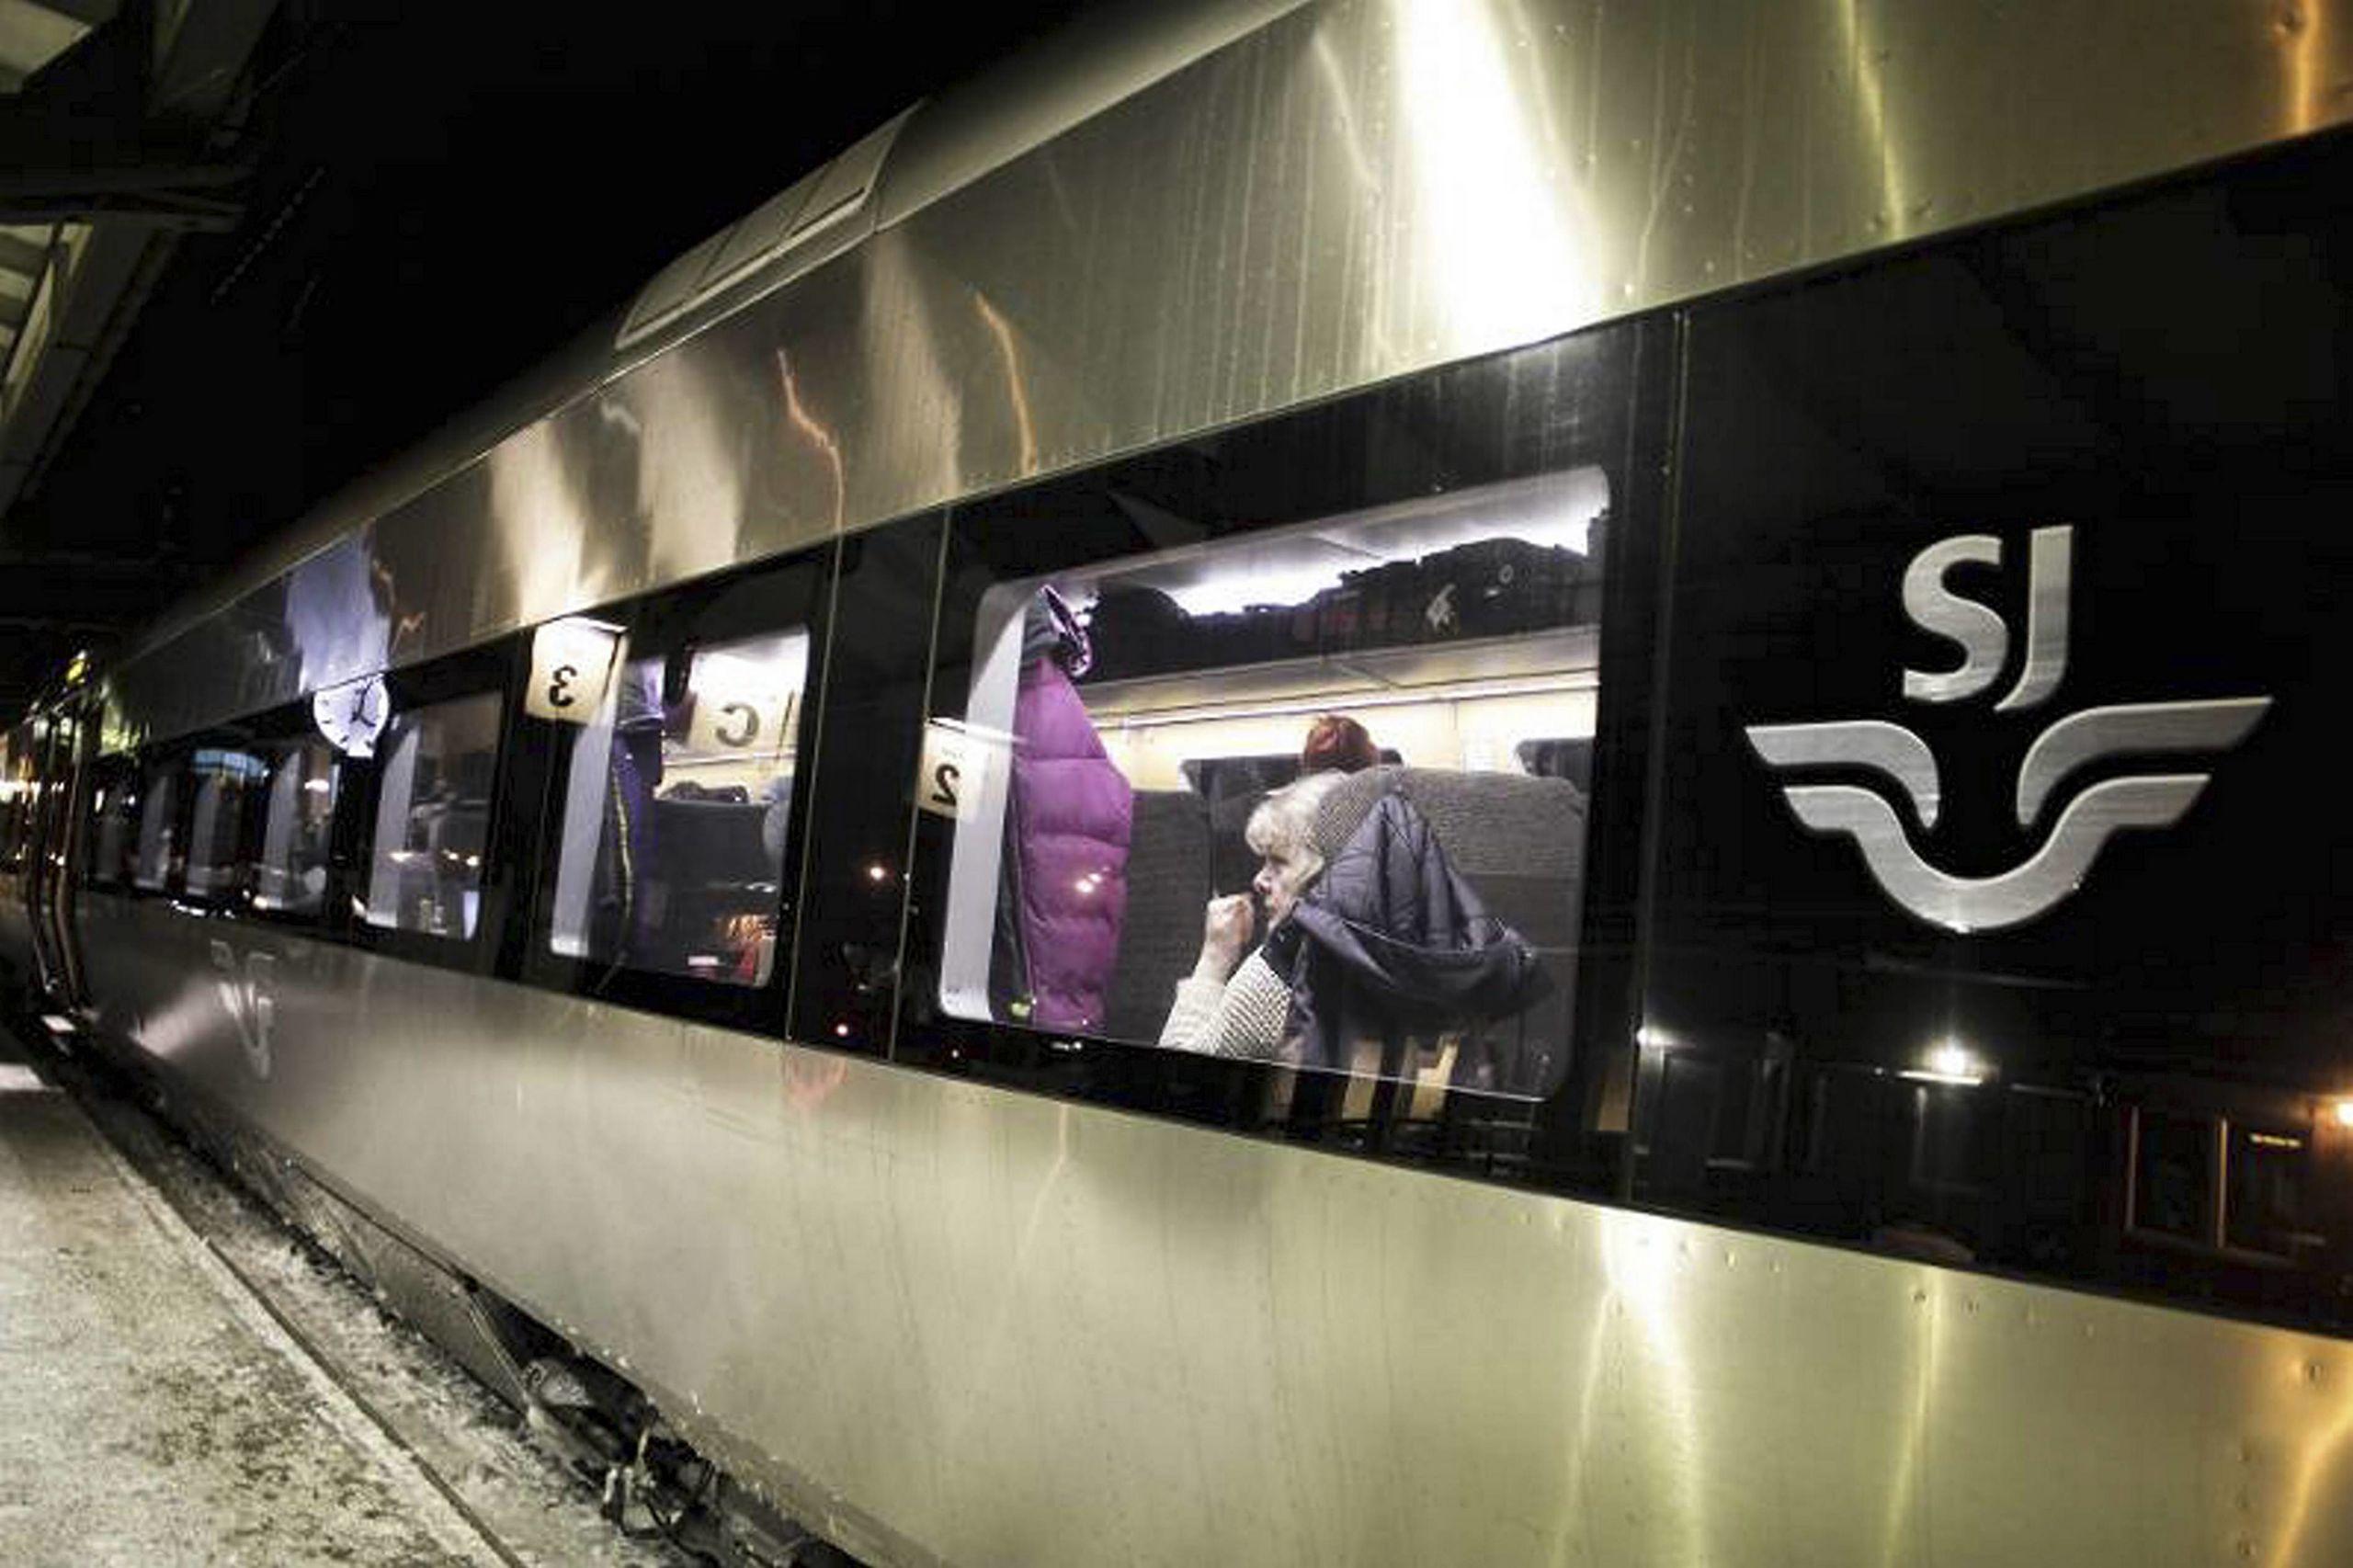 C och vid de tillfällena låste tåget upp hela Cst, då tåget var så långt.